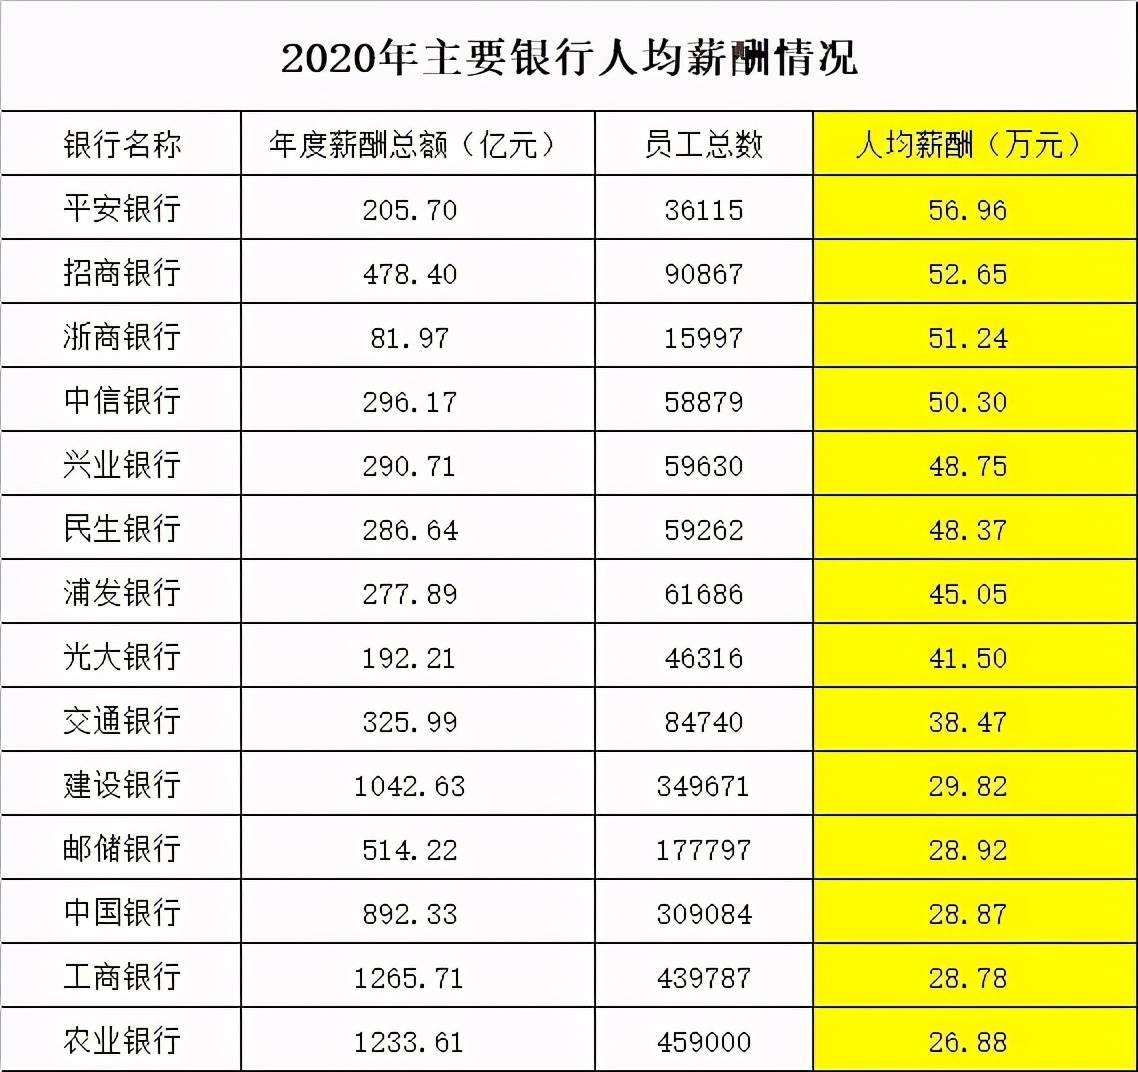 银行人均薪酬_中国银行图片